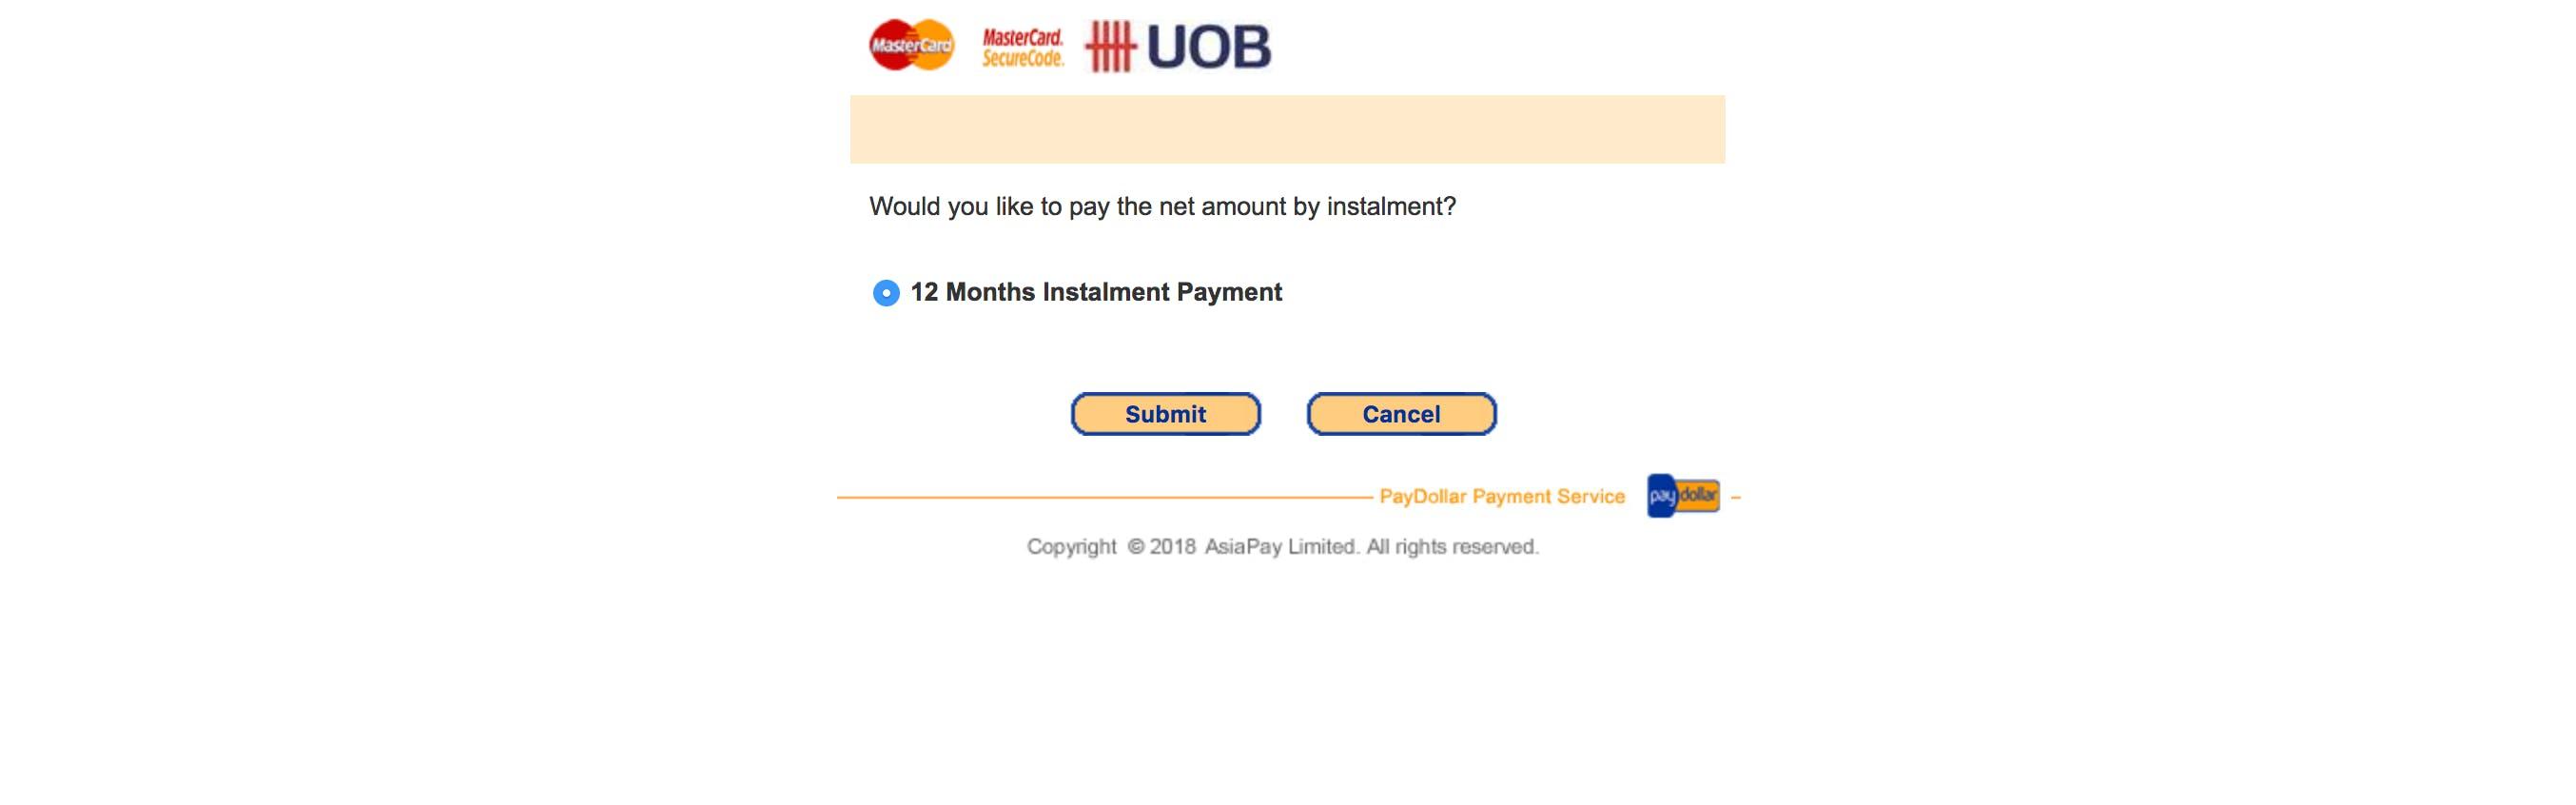 Online Instalment Payment Plans   Harvey Norman Singapore